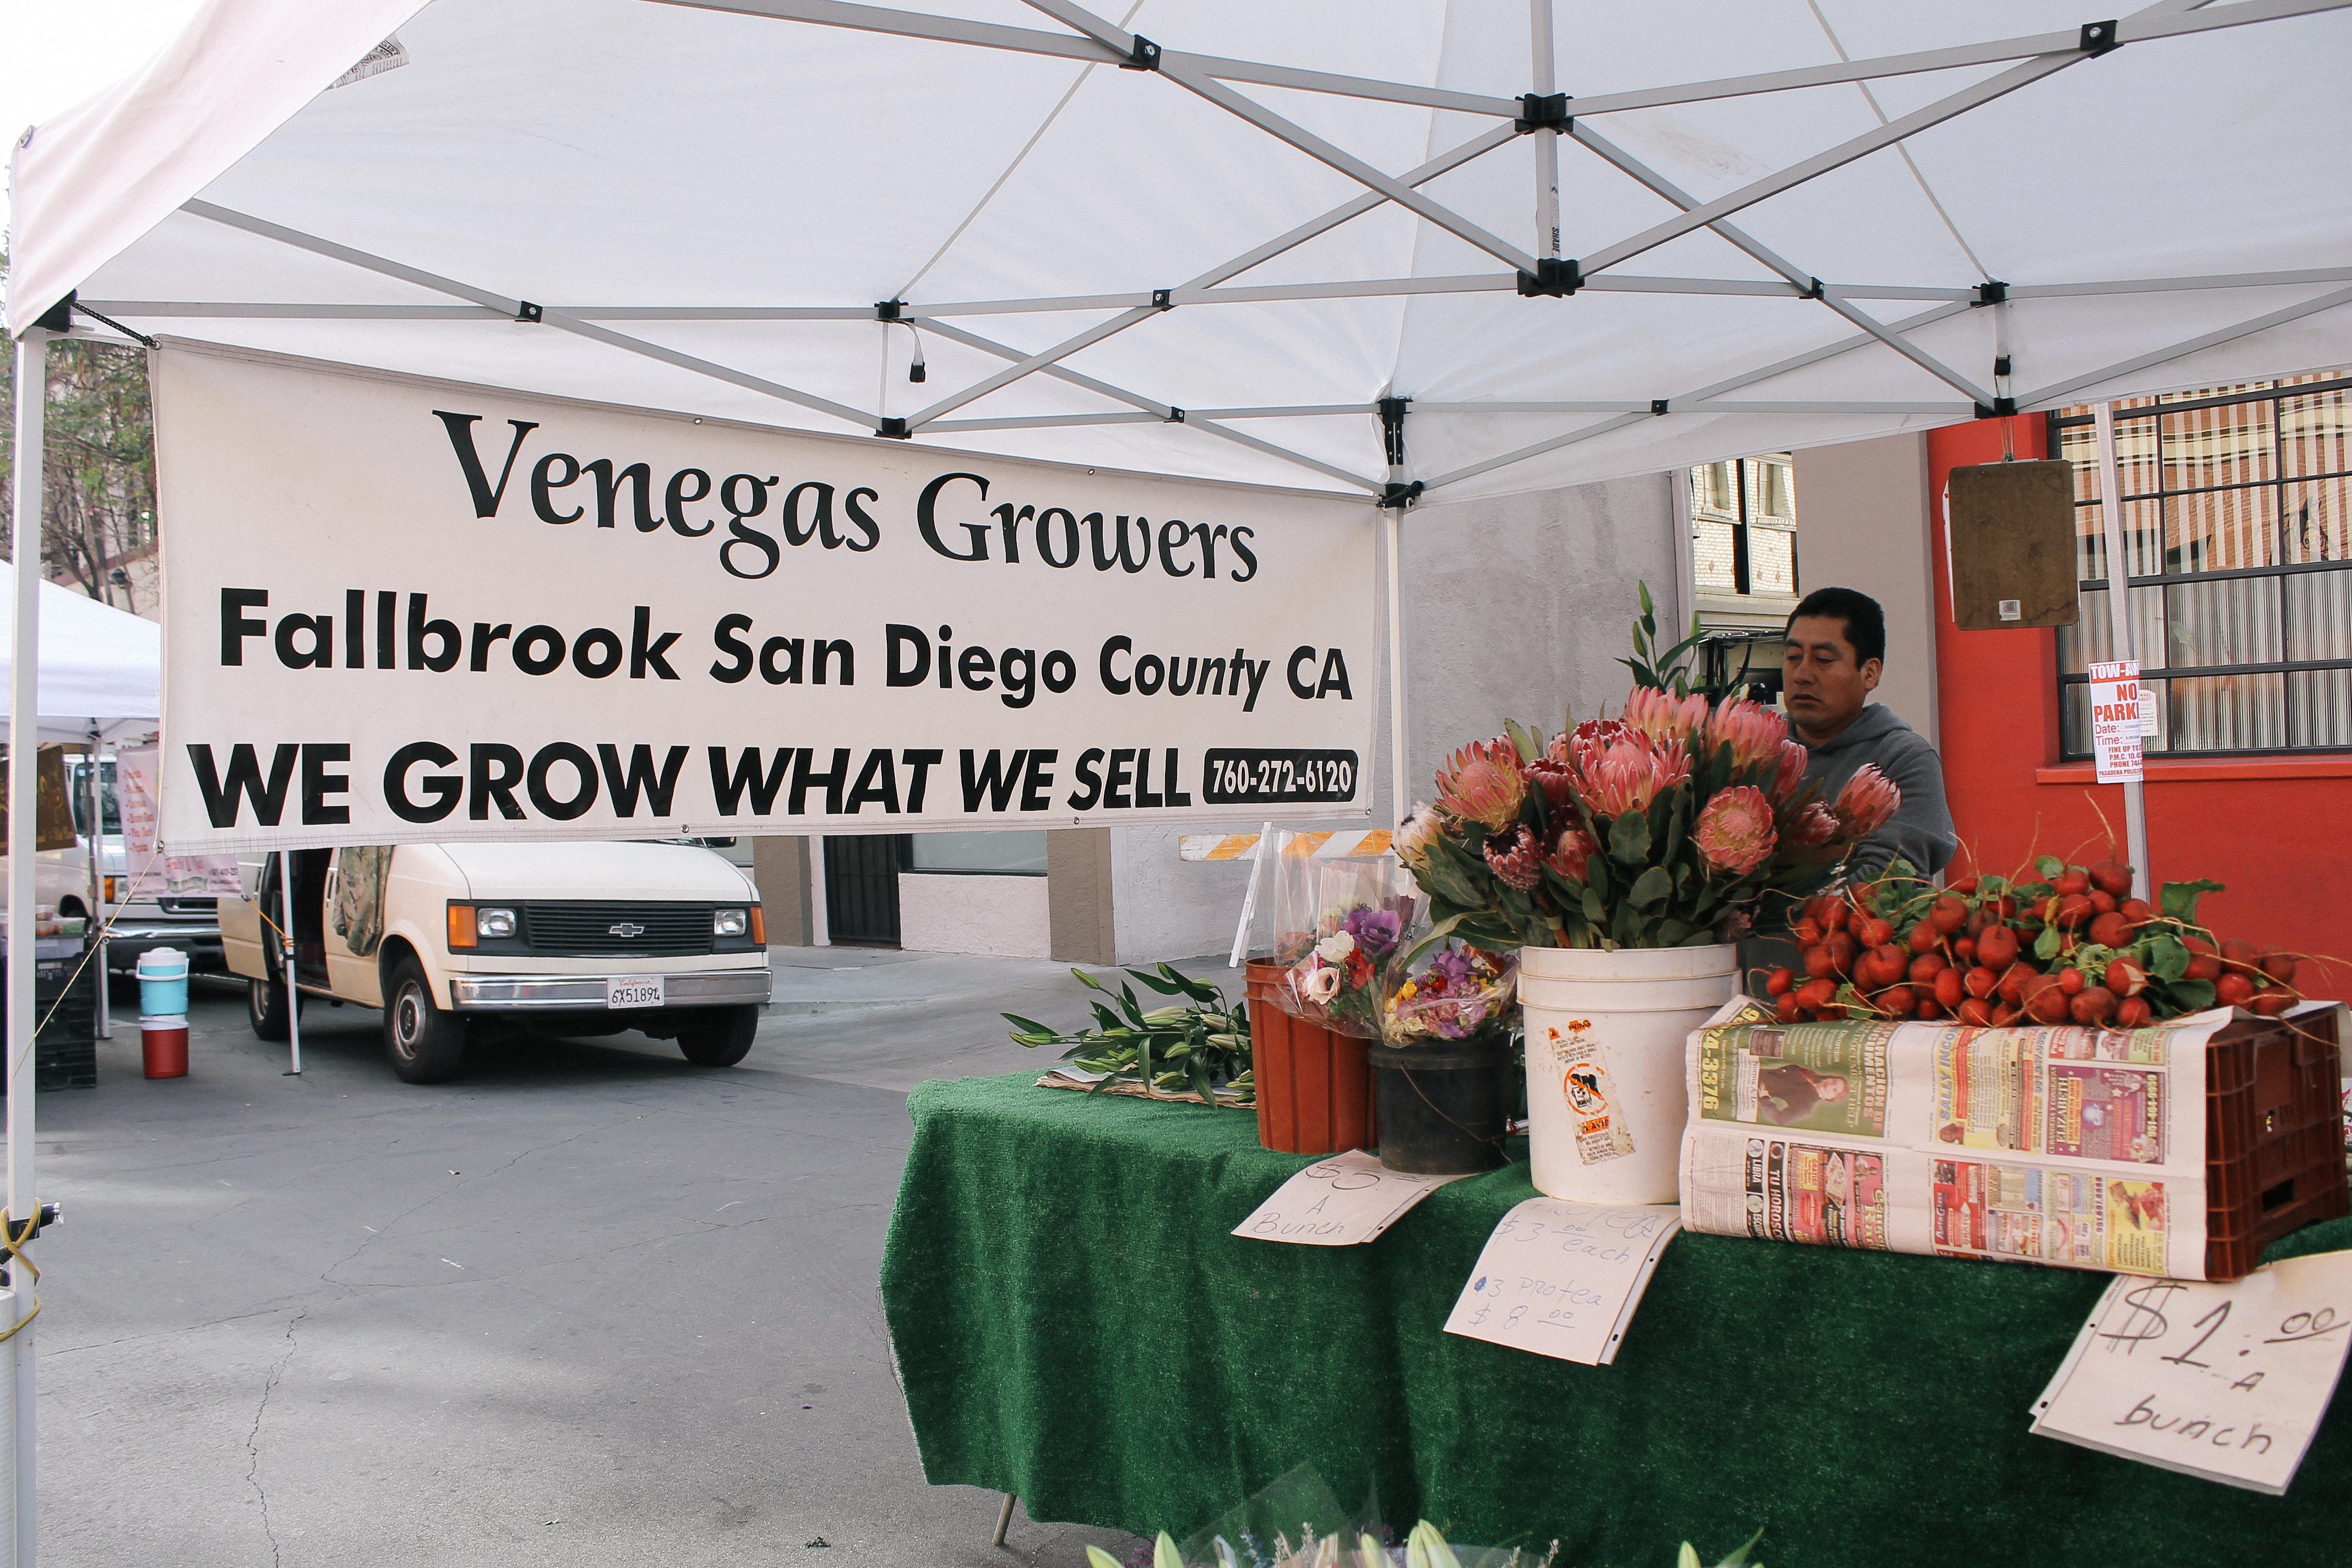 fresh flowers from Venegas Growers